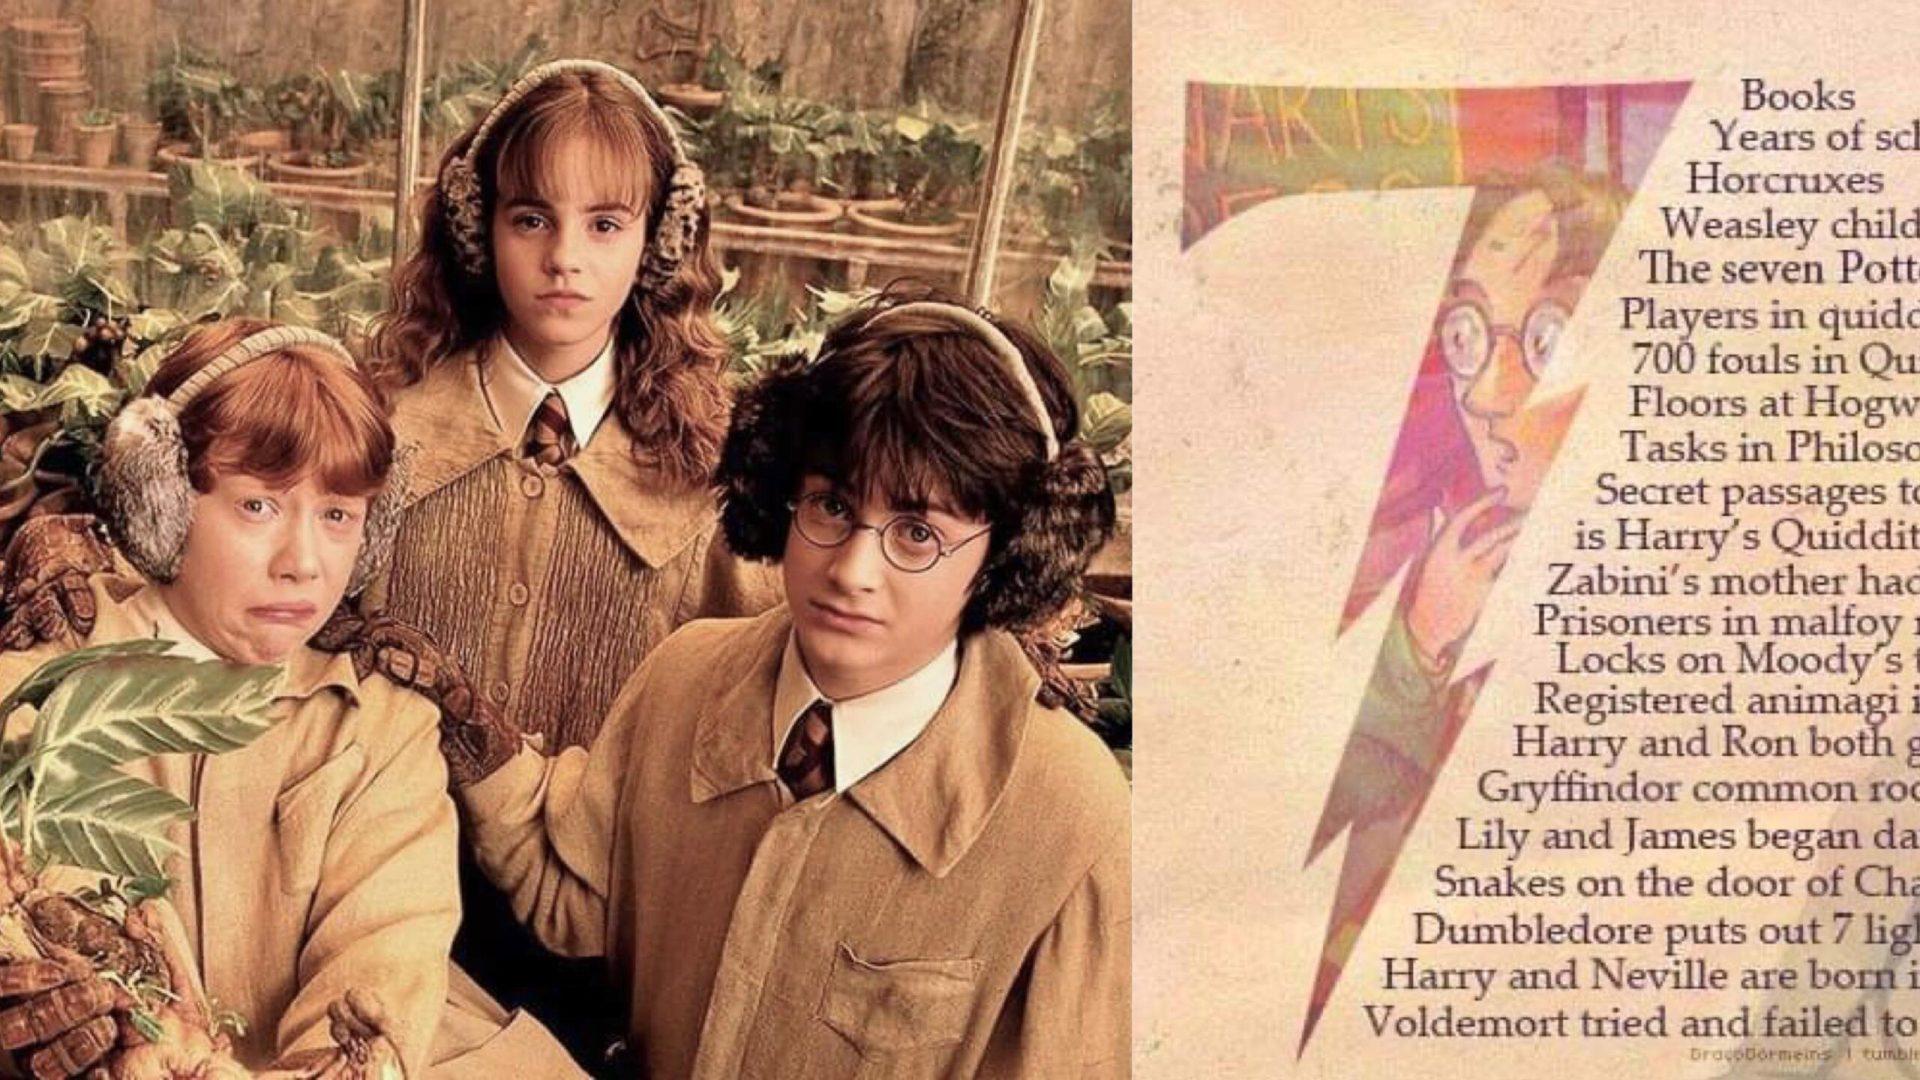 《哈利波特》的秘密電影細節,「數字 7 」才是貫穿整個電影的重要魔法數字,很多人卻沒發現! – 我們用電影寫日記